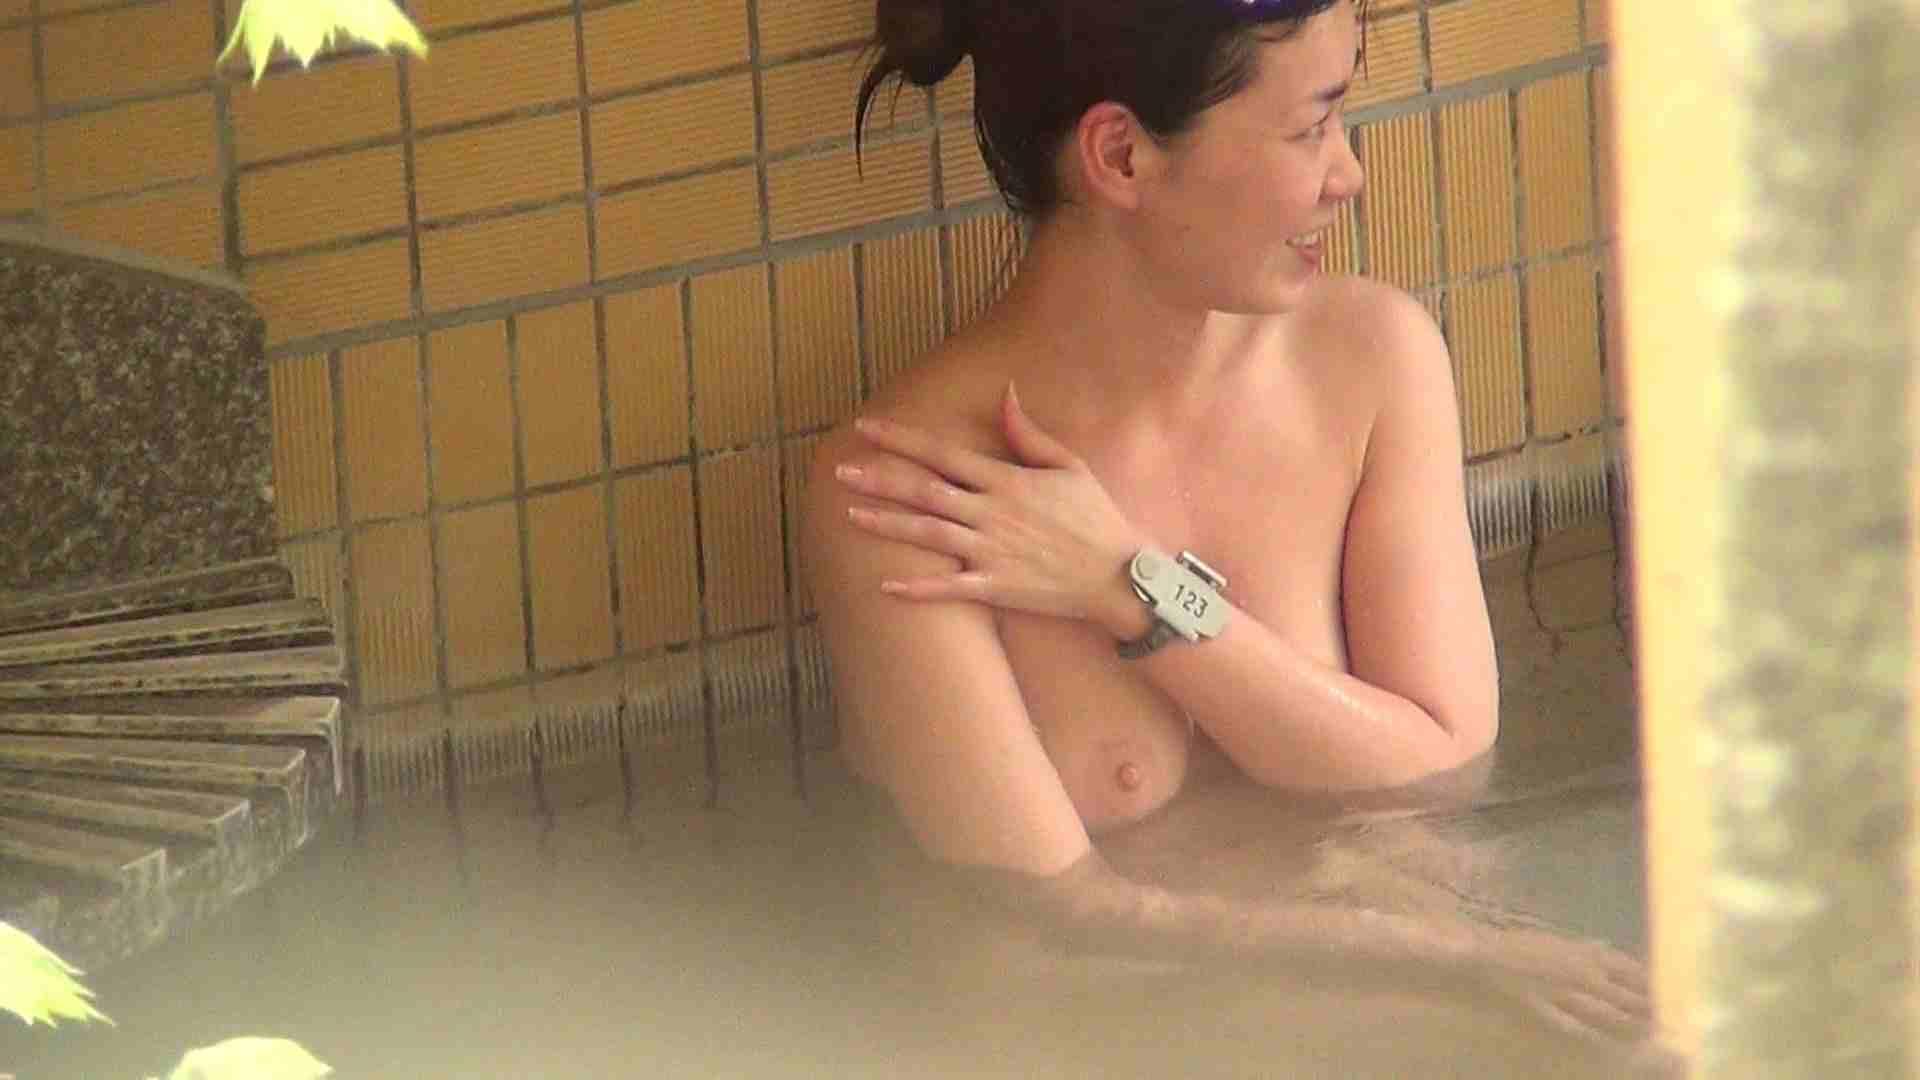 Aquaな露天風呂Vol.238 盗撮師作品   美しいOLの裸体  87pic 67